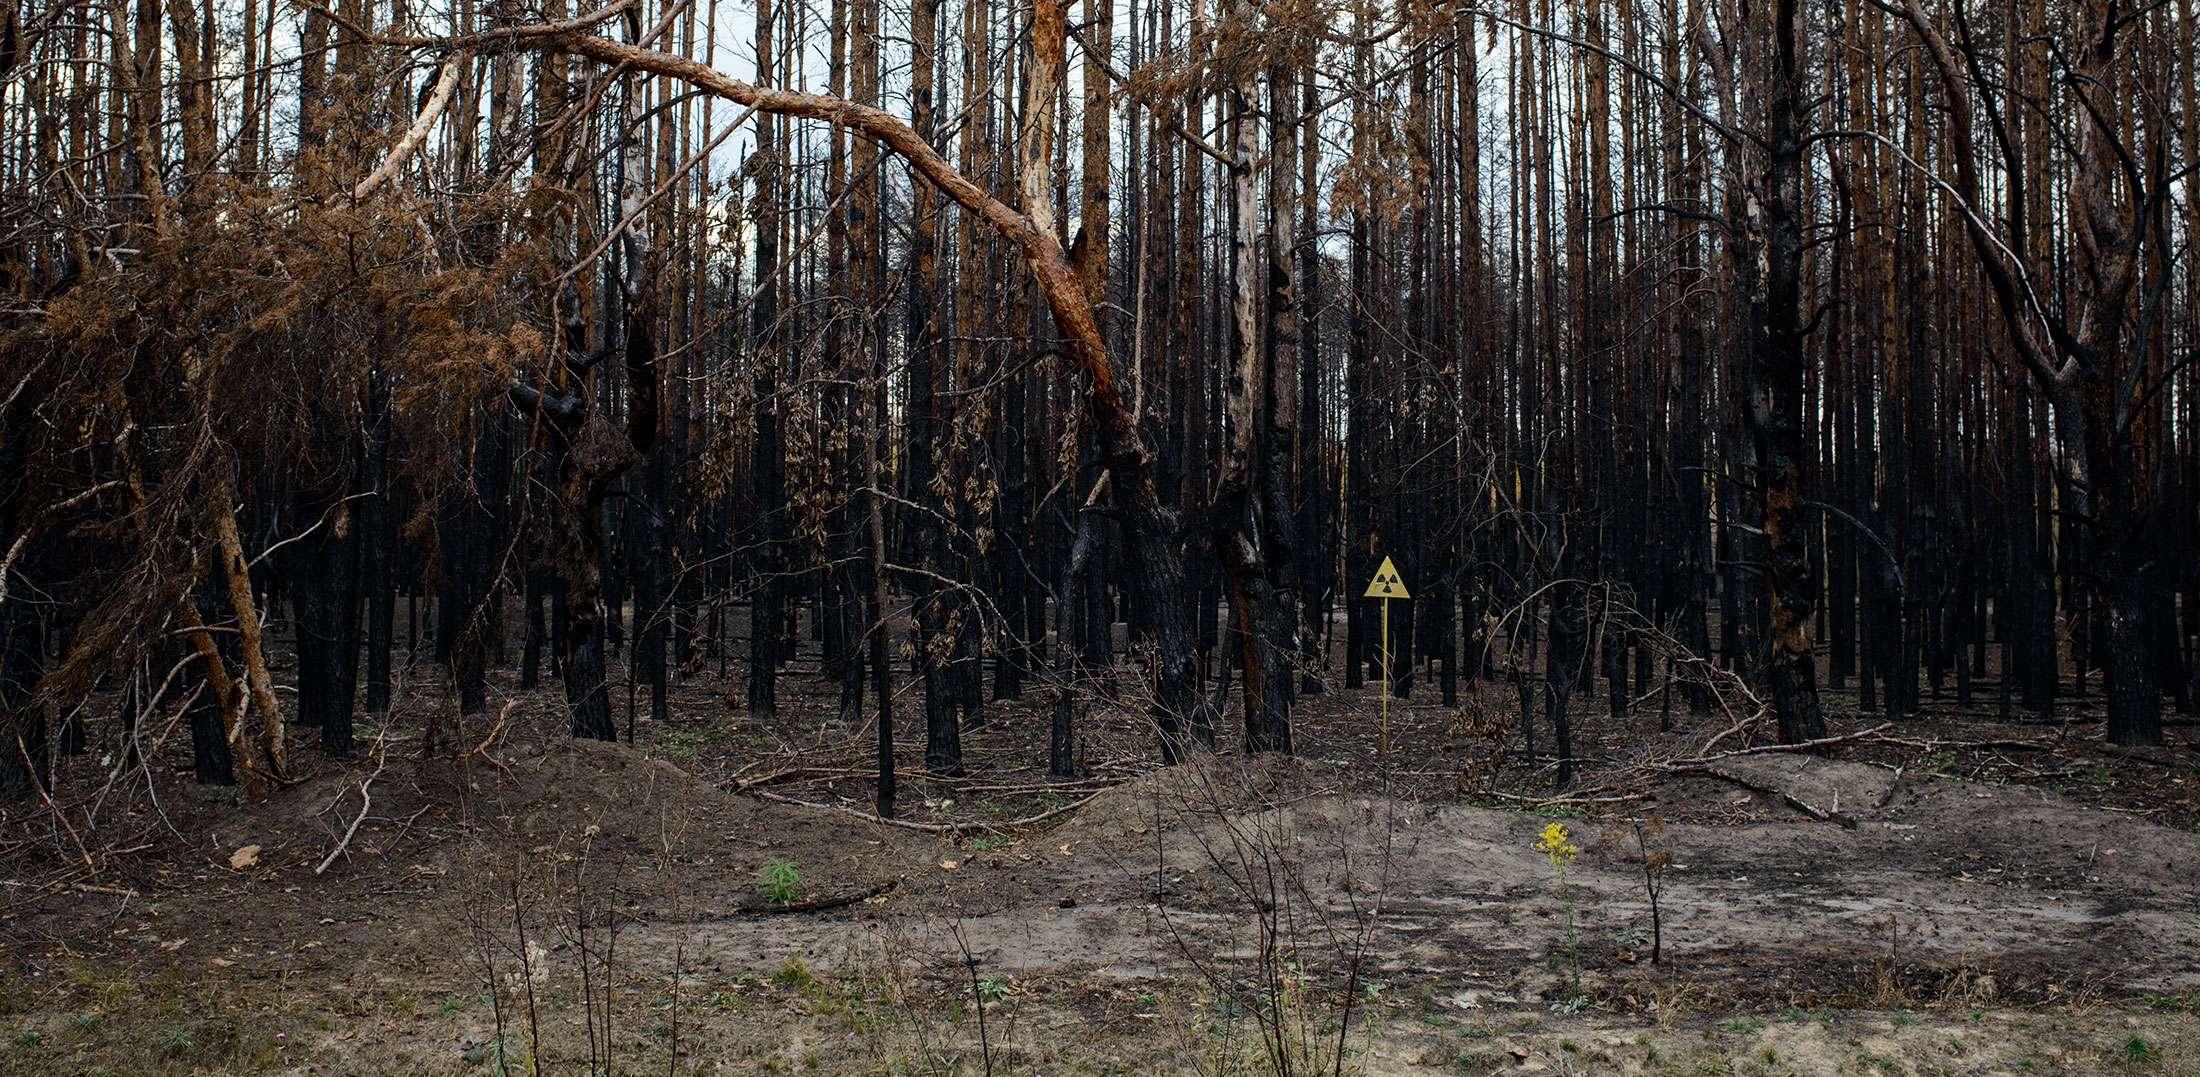 Guillaume Herbaut, reforestation en Europe de l'Est, mission photographique